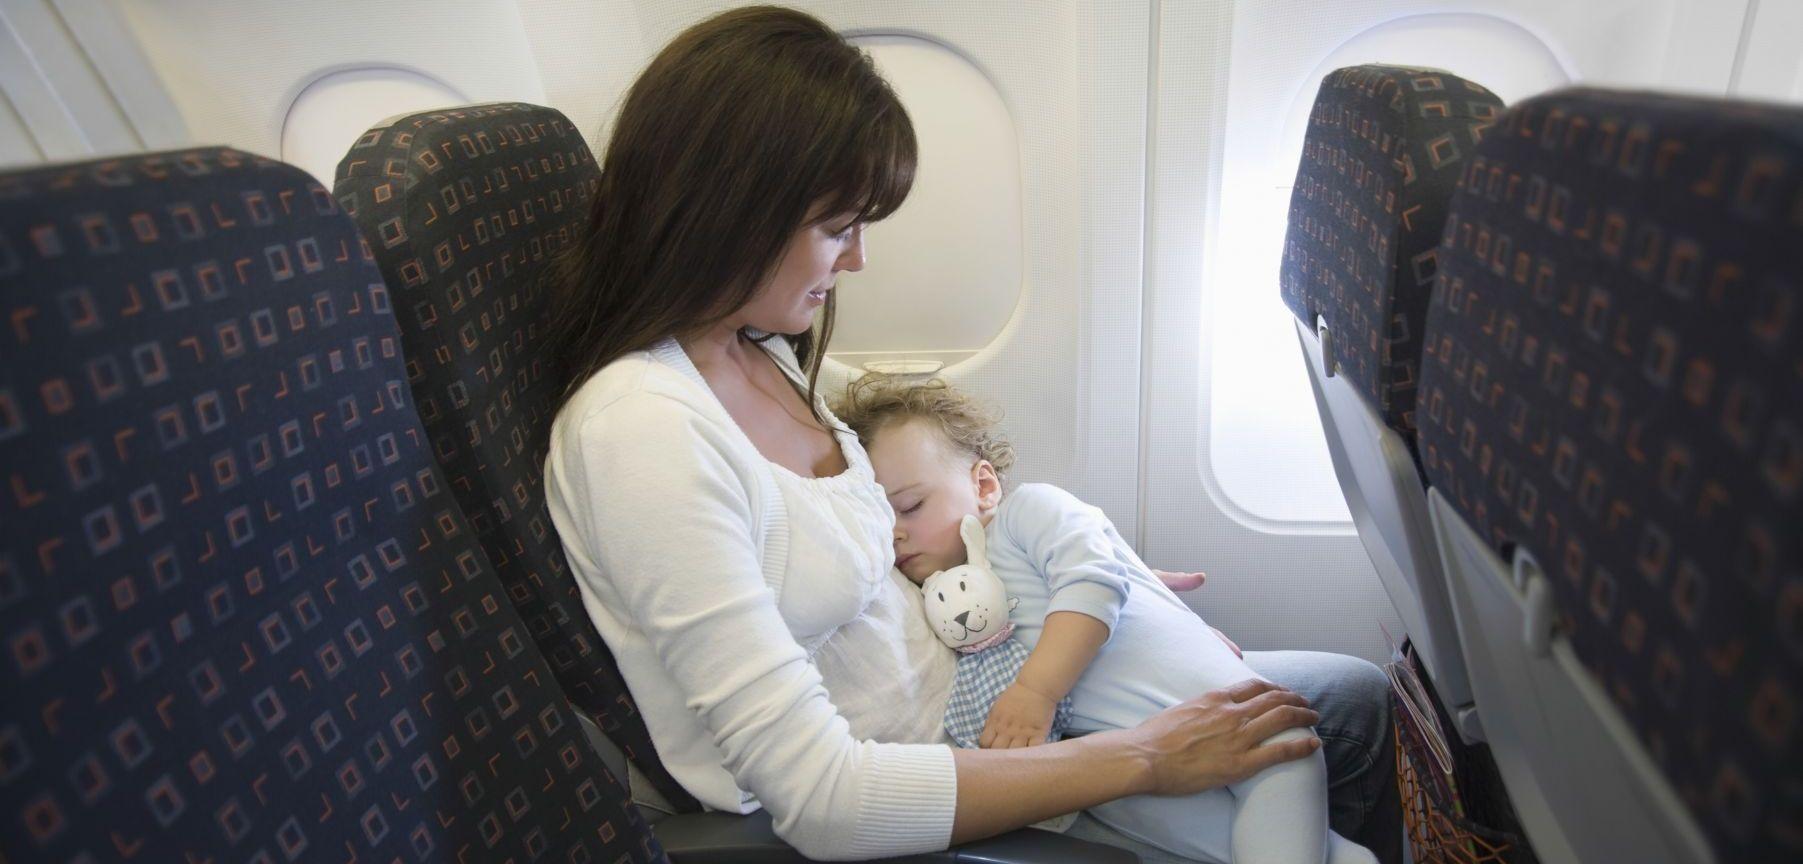 未滿2歲的小孩出國跟團,適合嗎?